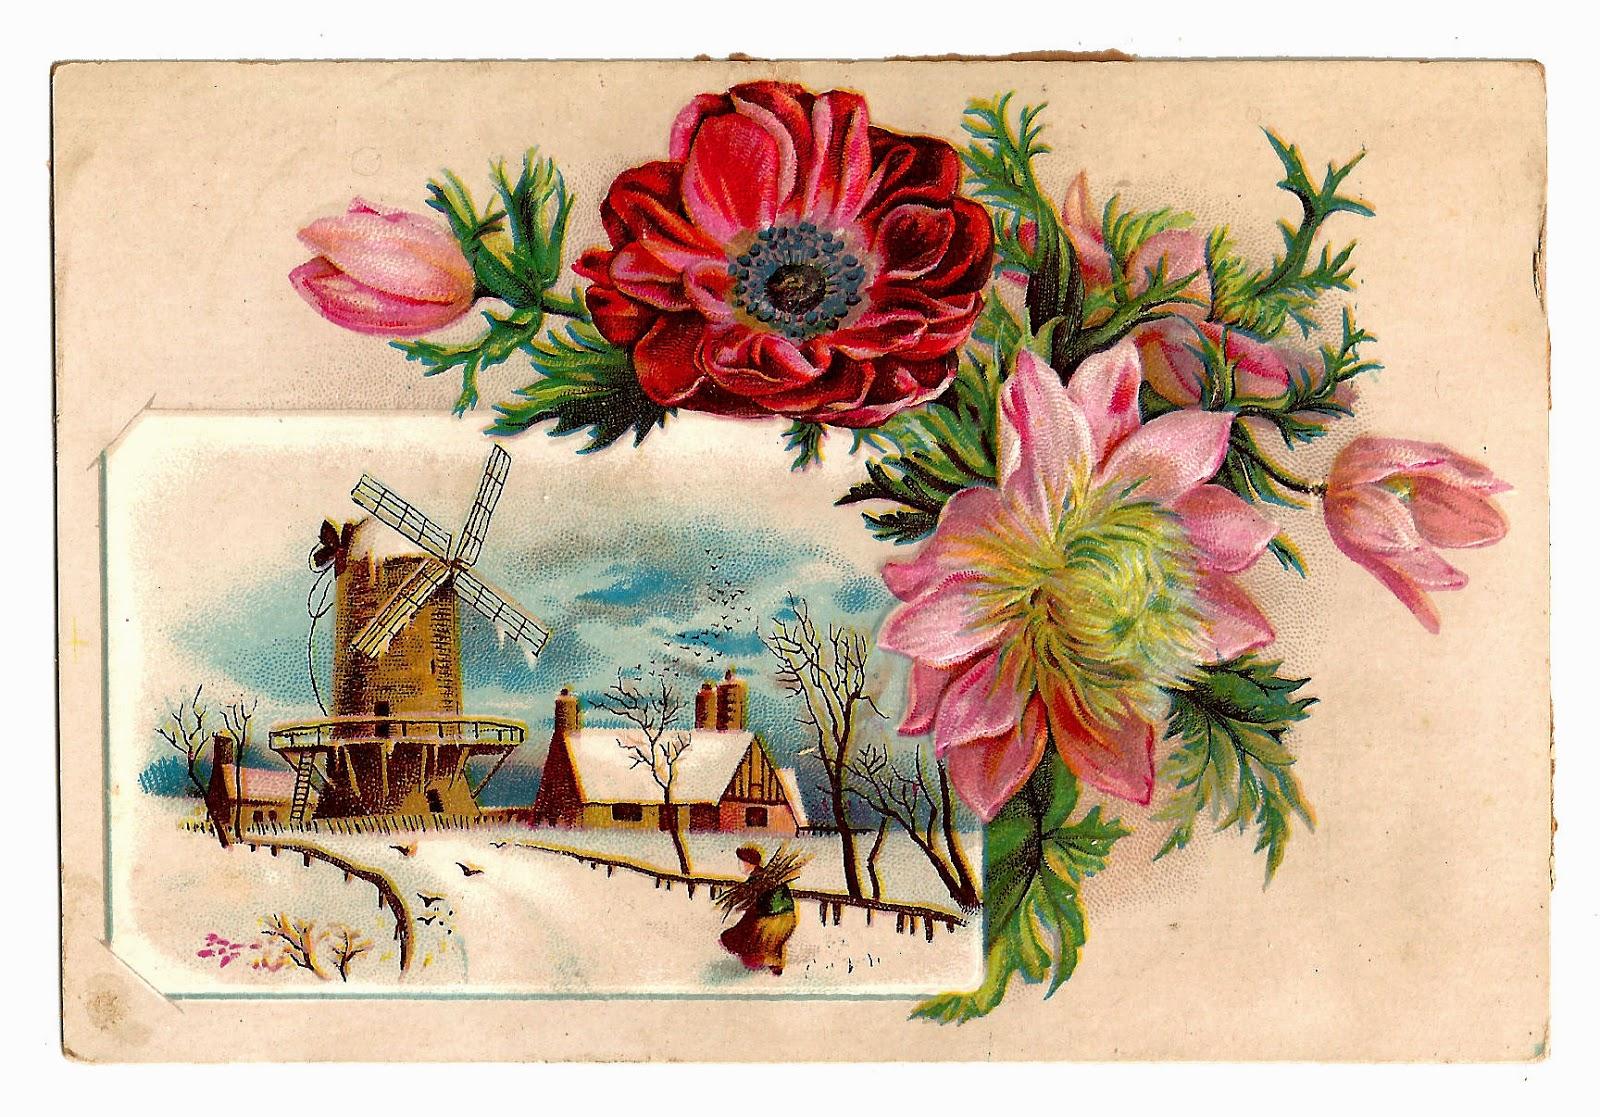 http://2.bp.blogspot.com/-JA8c_siU0vc/VMqnZXp_rWI/AAAAAAAAVaI/Ak0oc13Uv7s/s1600/flowers_scene_windmill_farm-2.jpg